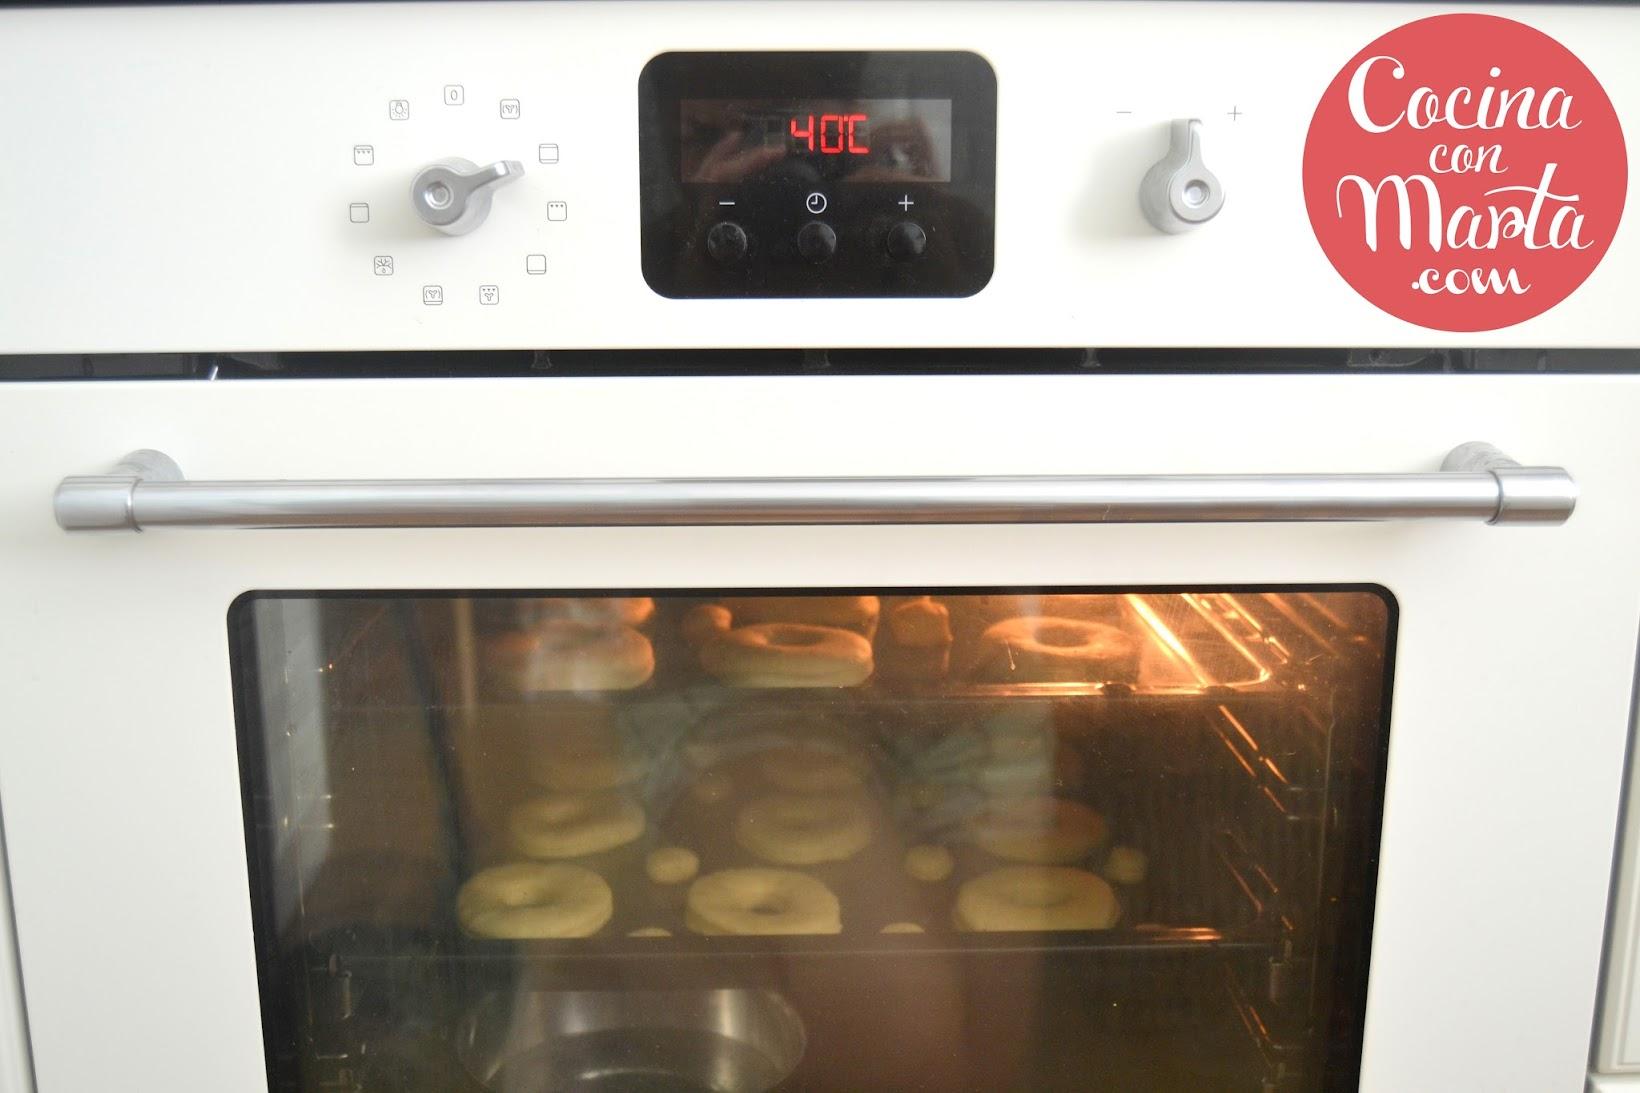 Receta donuts o berlinas caseros. Fácil, sencillo, video, paso a paso. Cocina con Marta